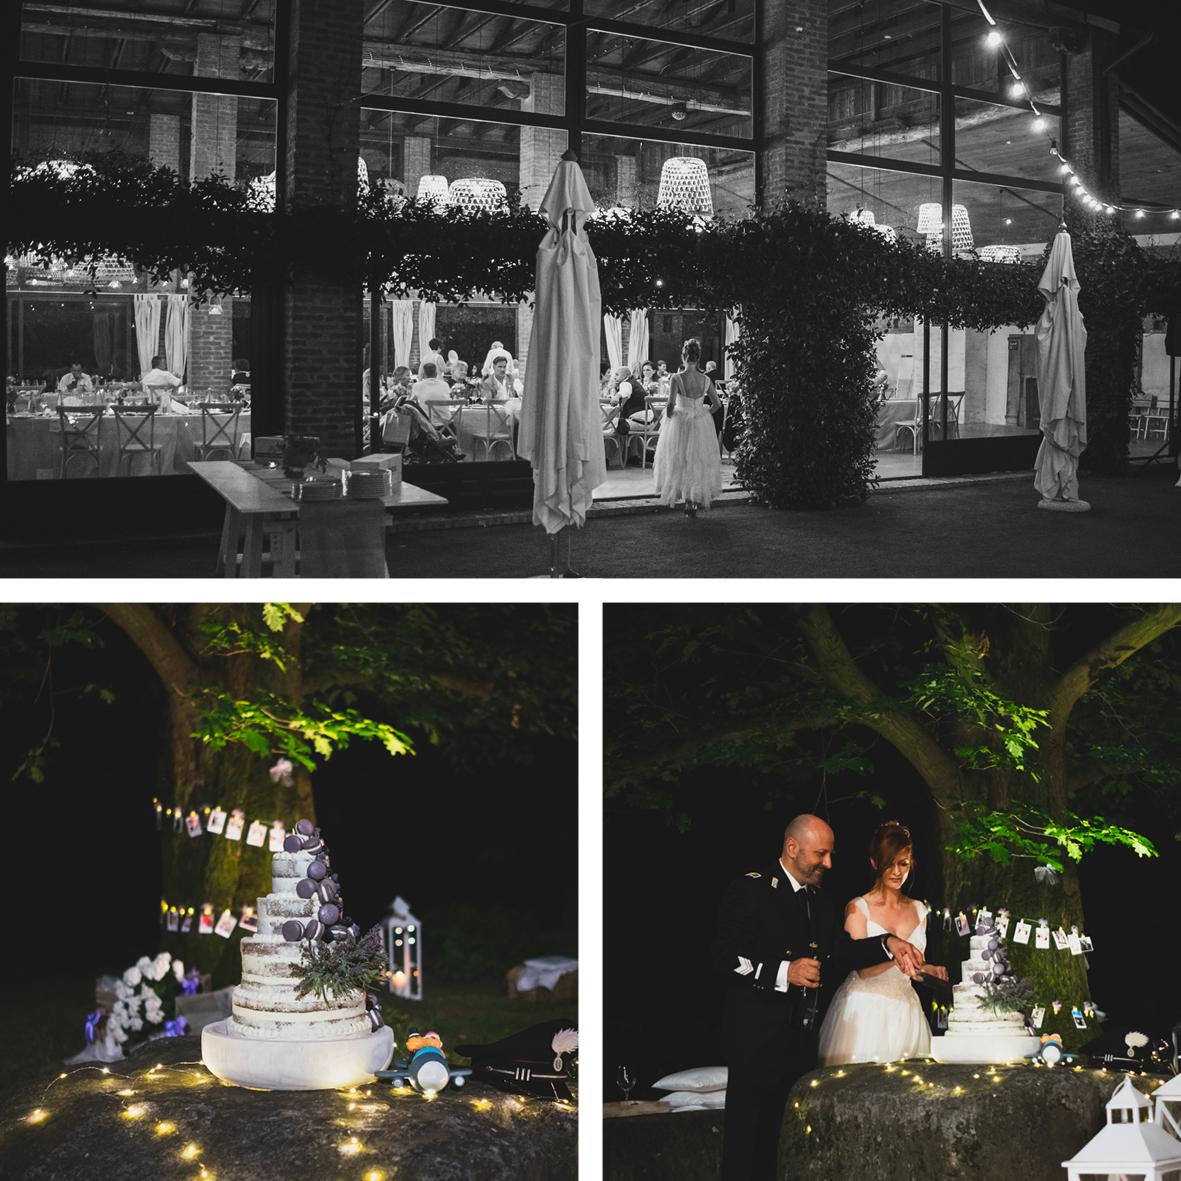 Fotografo matrimonio Brescia reportage di matrimonio Federico Rongaroli26